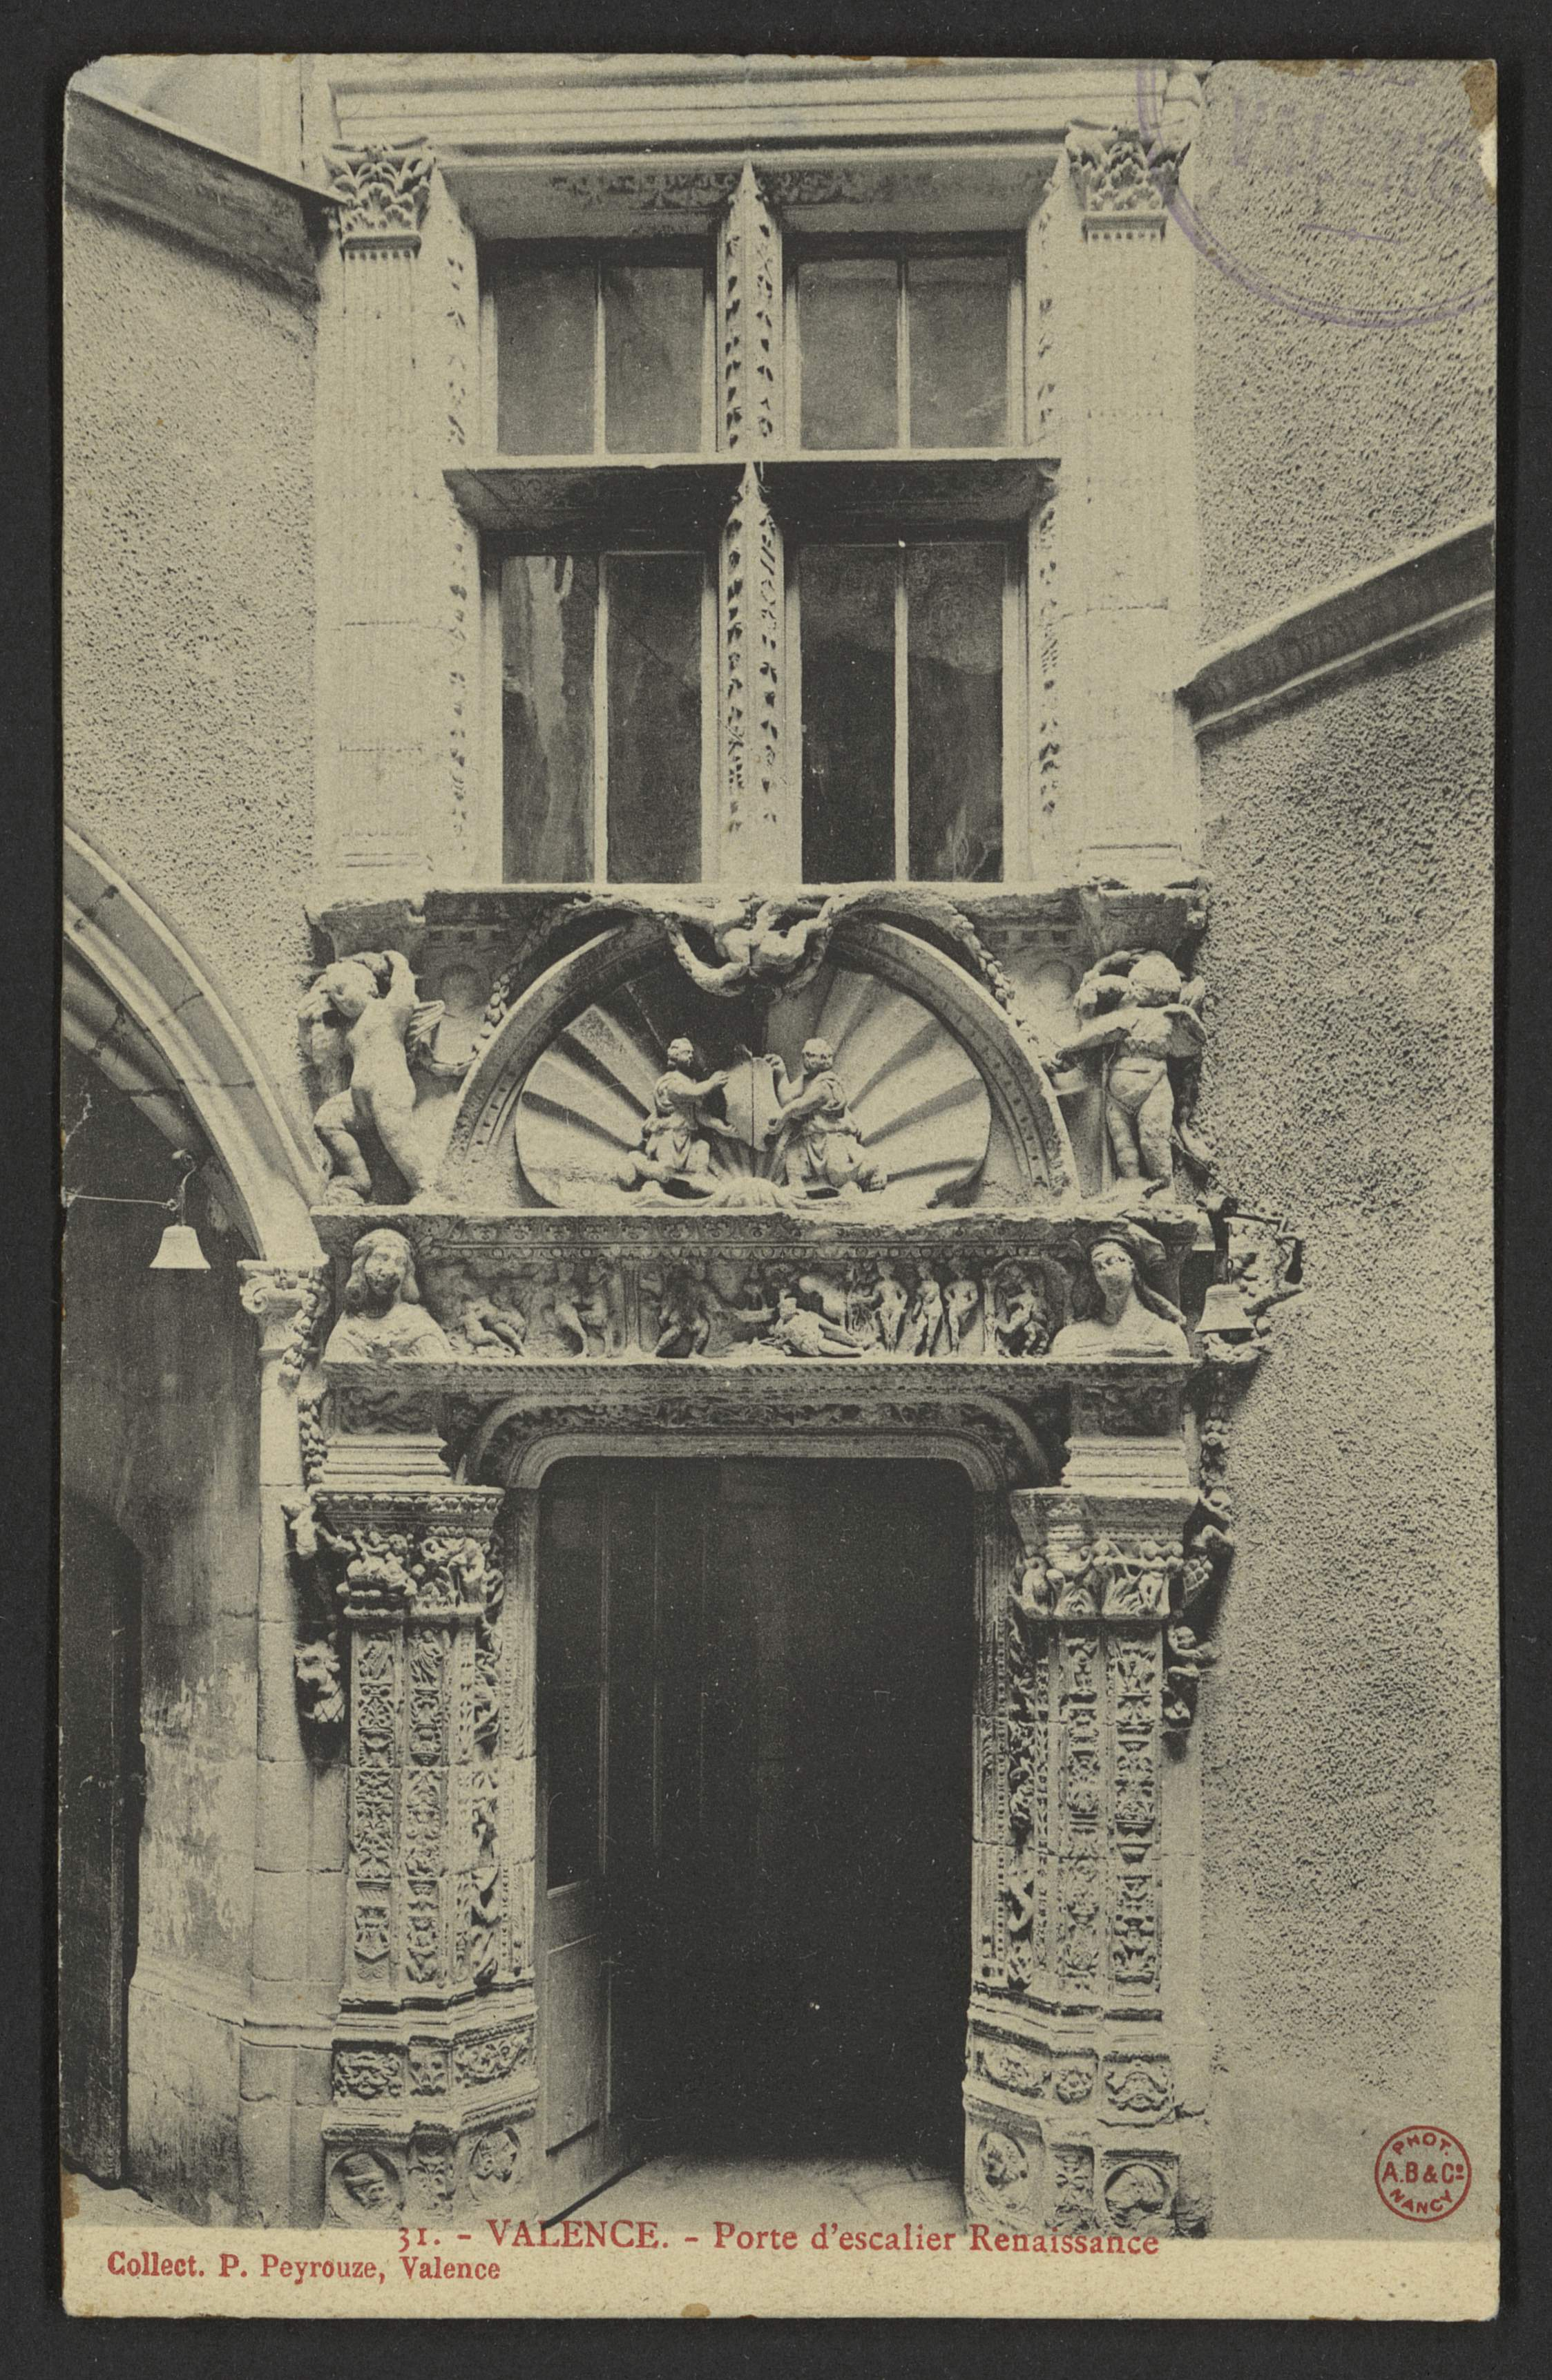 Valence. - Porte d'escalier Renaissance